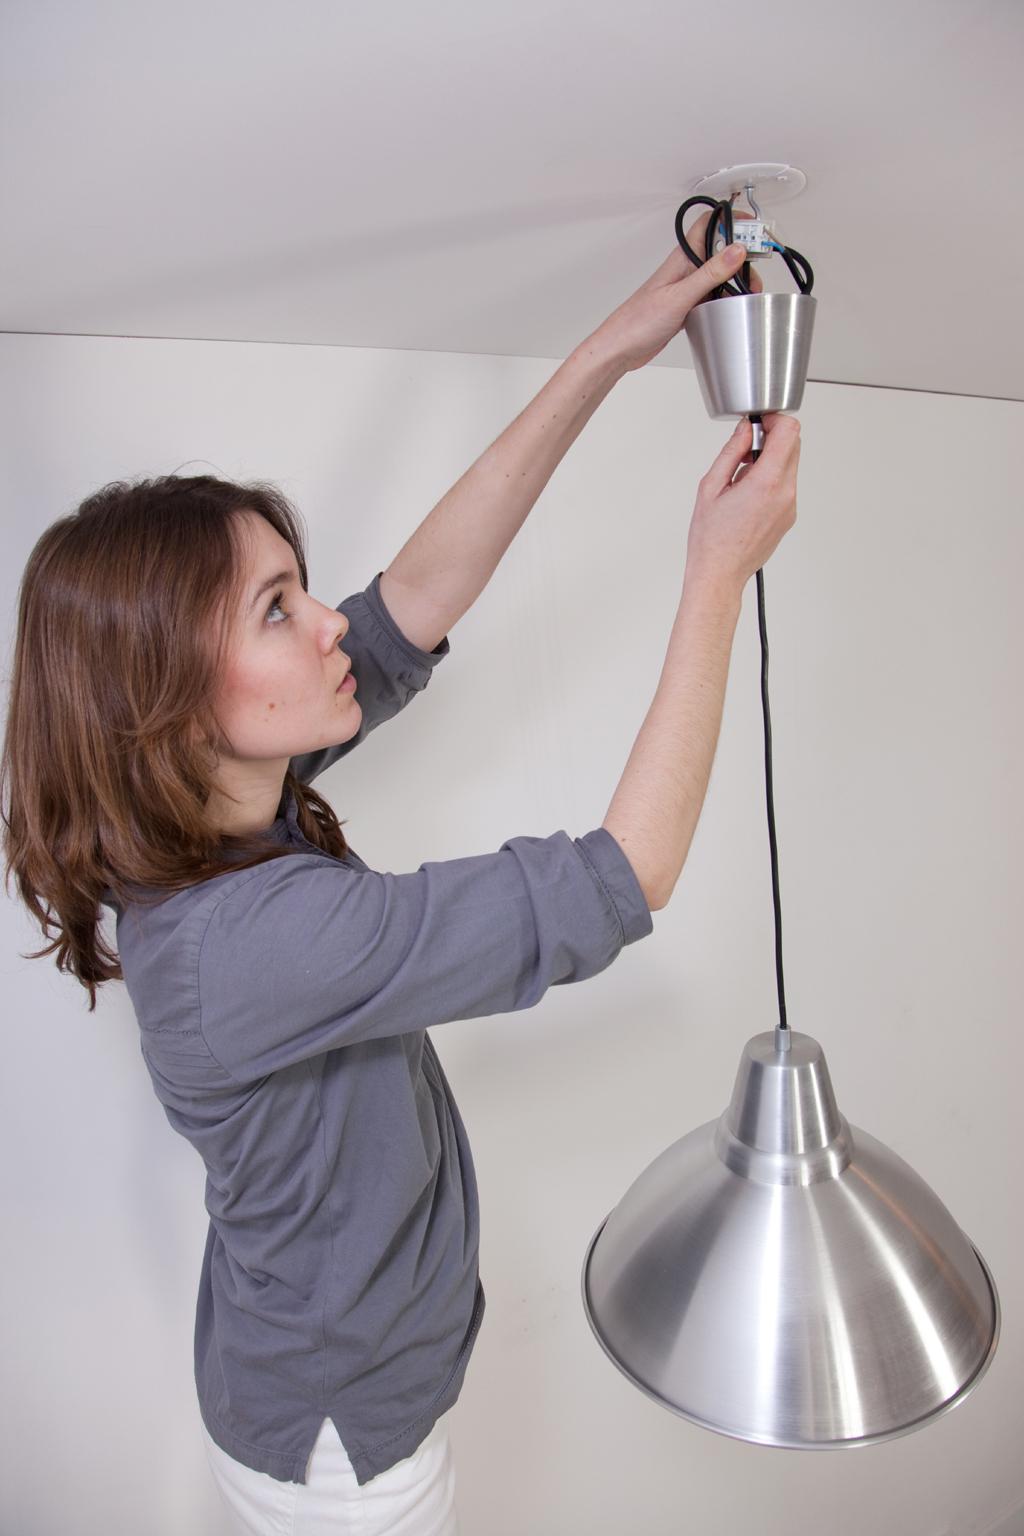 Installez la suspension dans le crochet en attente au plafond.